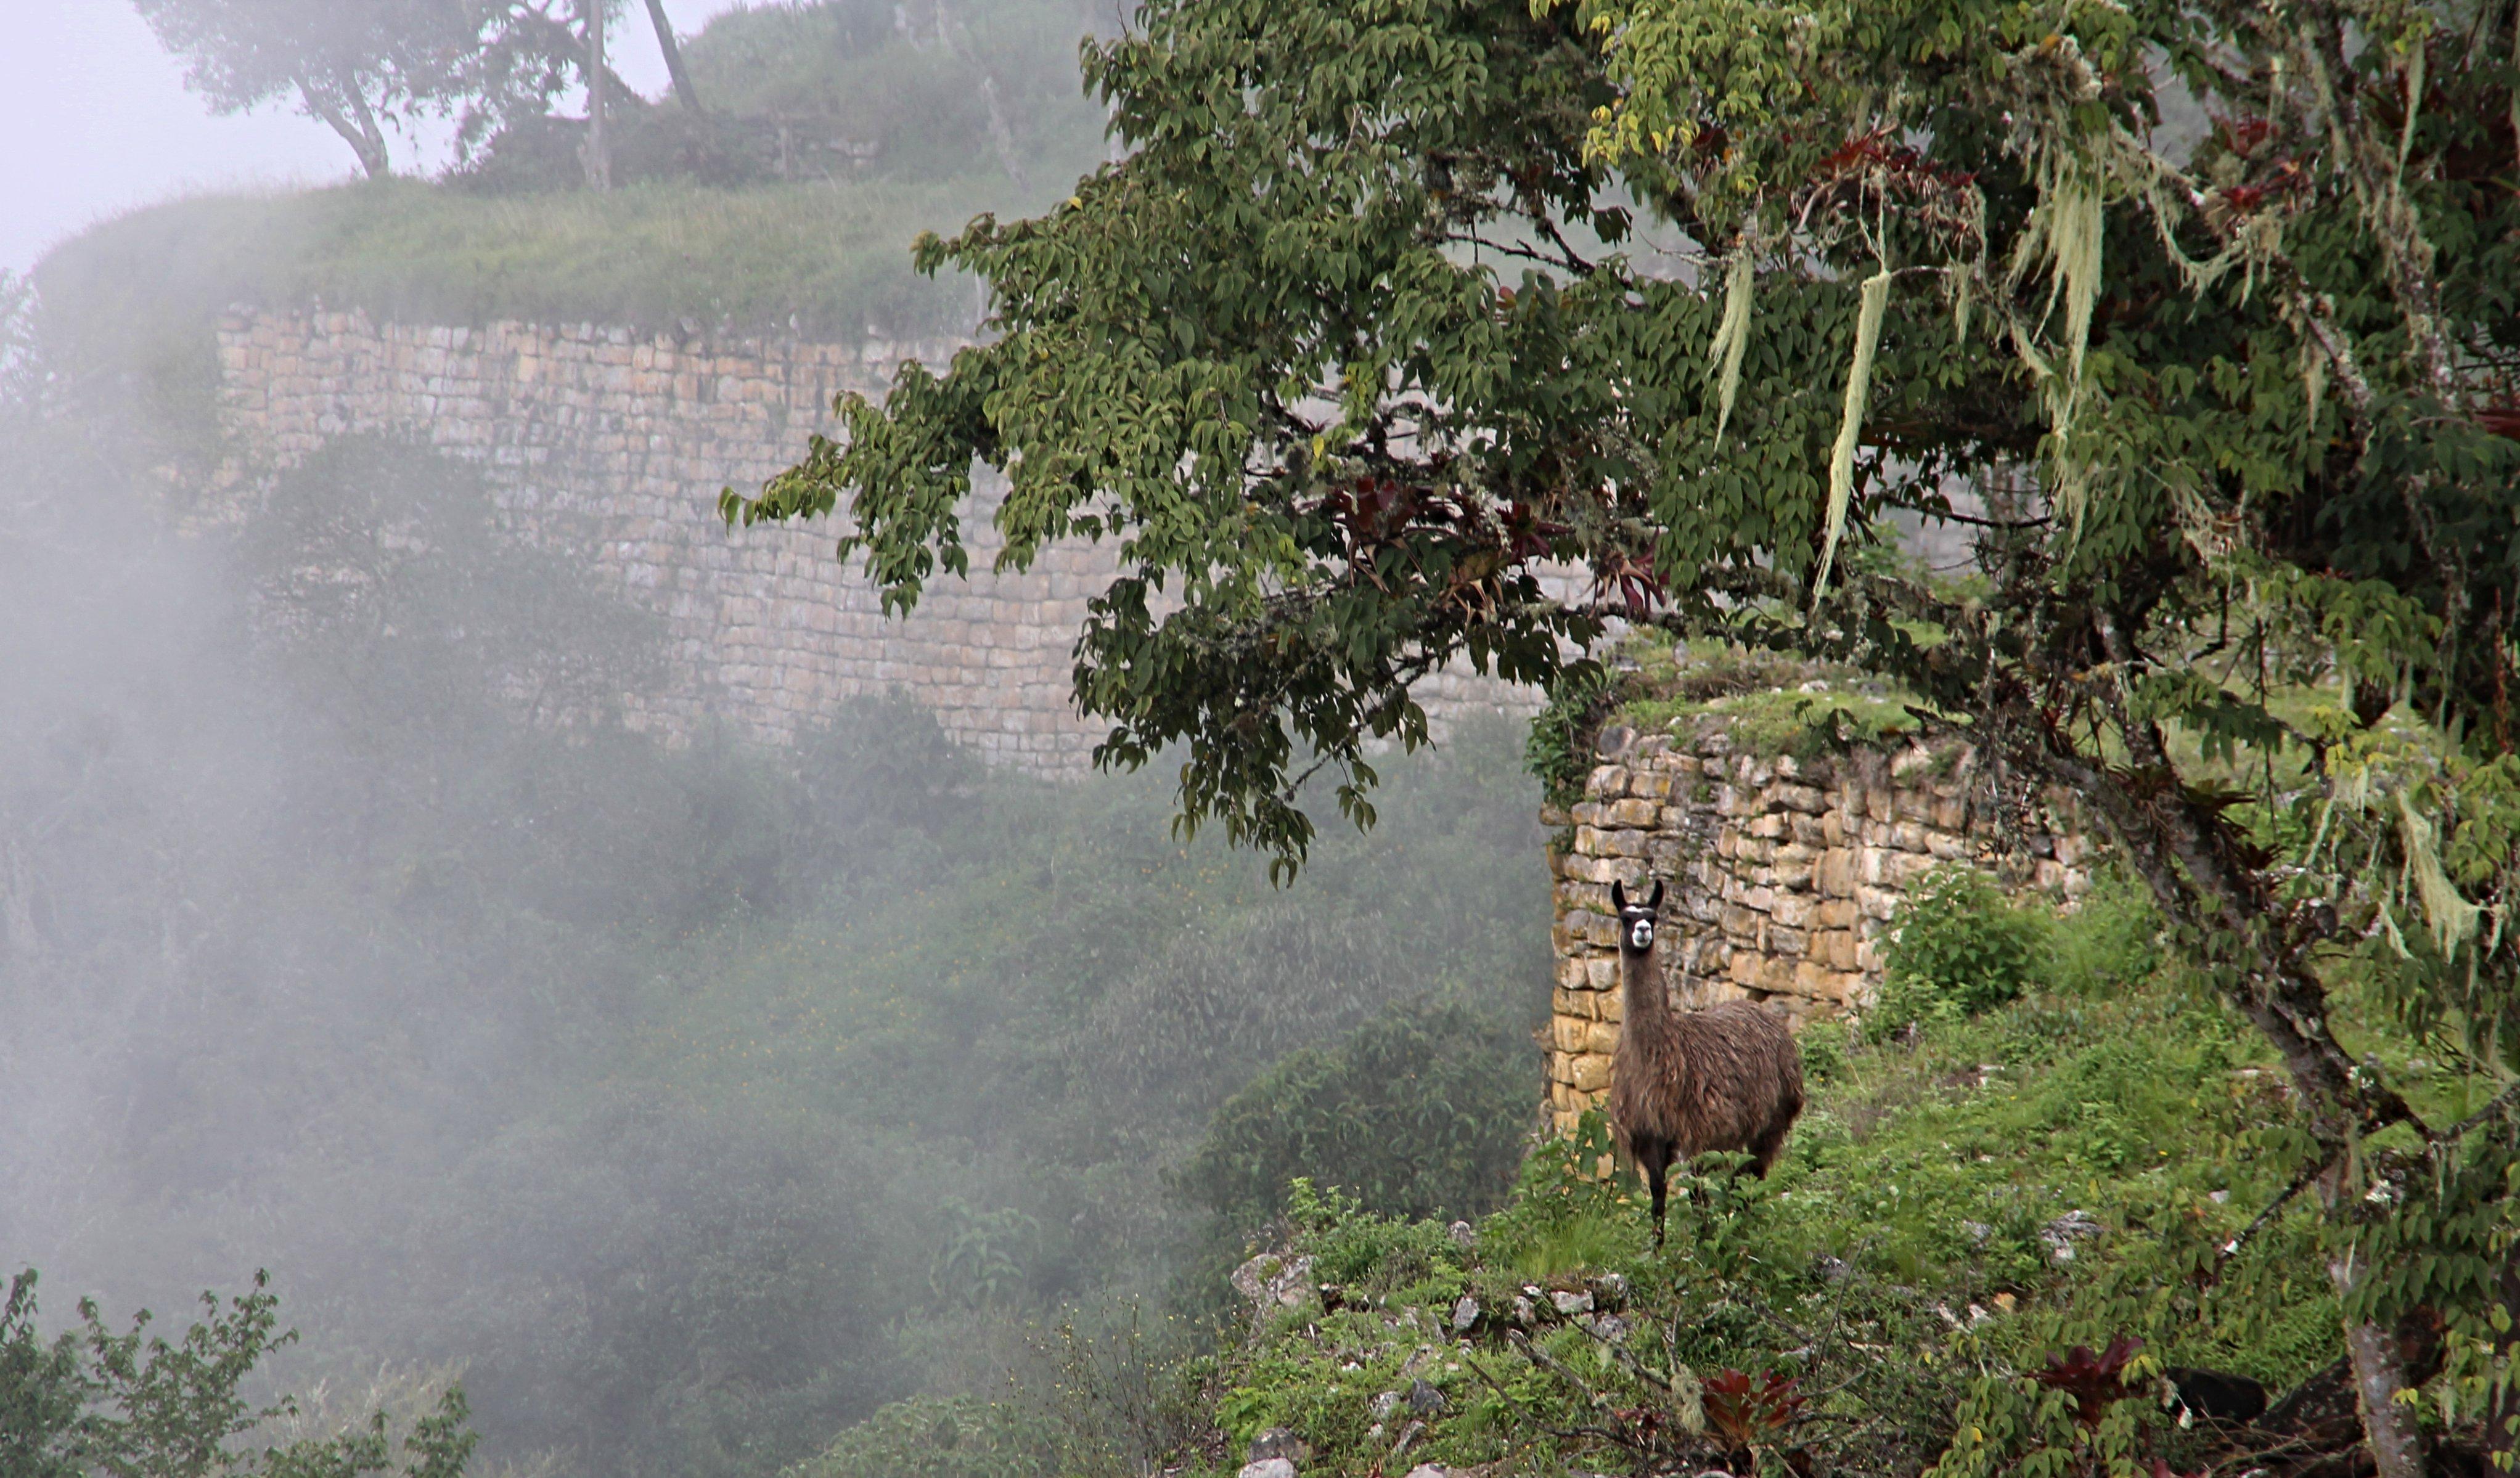 Die bekannteste Festung der Chachapoyas ist Kuelap, ein beliebtes Ausflugsziel ab der Stadt Chachapoyas.